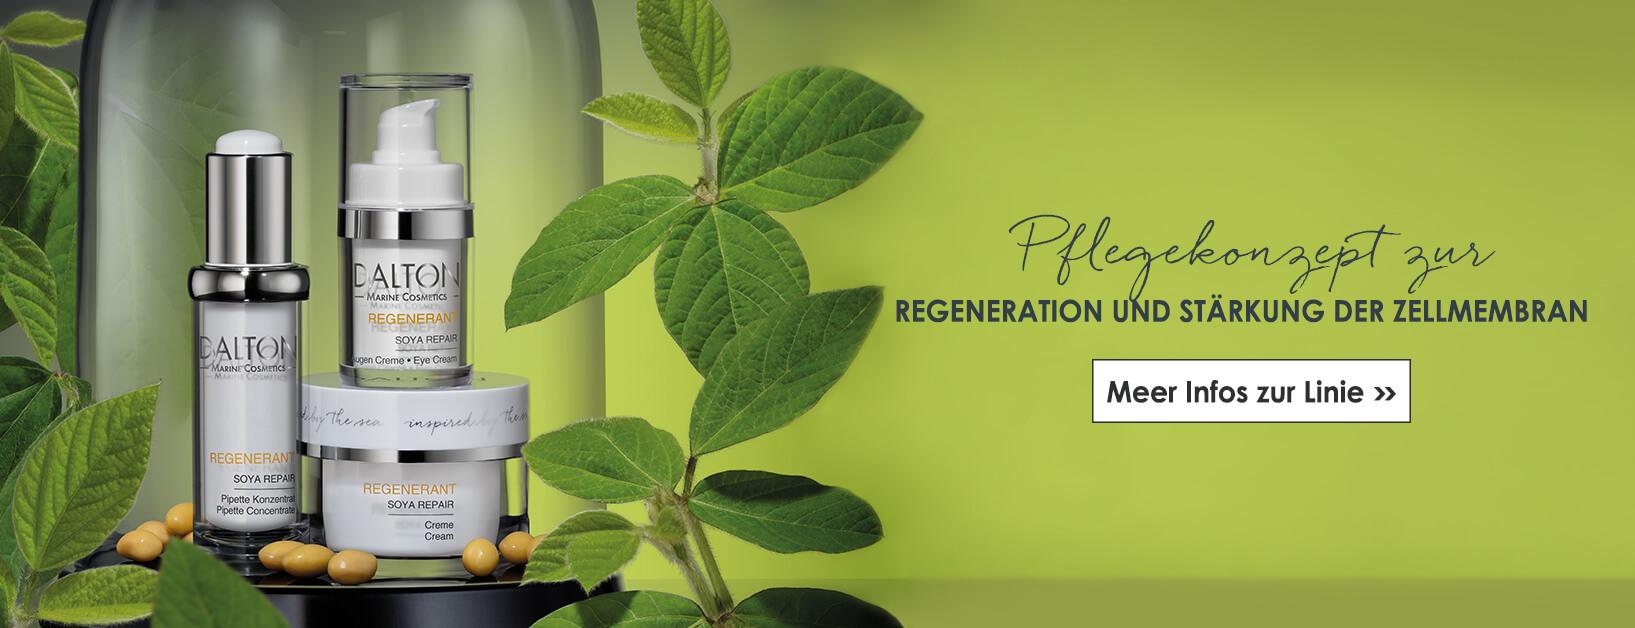 Pflegekonzept zur Regeneration und Stärkung der Zellmembran